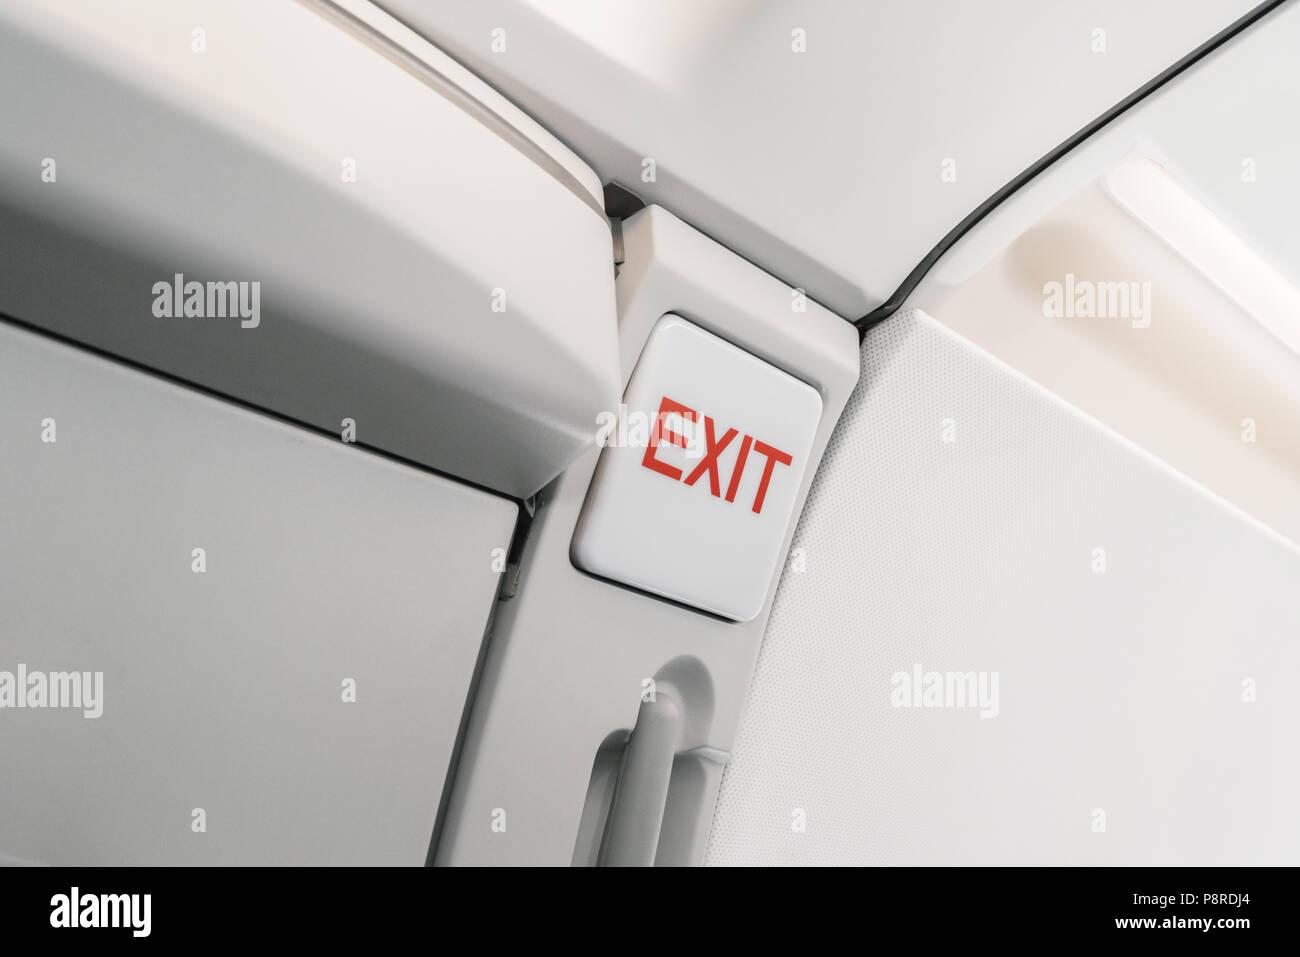 Enseigne de sortie d'urgence sur l'avion. Sièges d'avion vide dans la cabine. Concept de transport moderne. Avion vol international longue distance Photo Stock